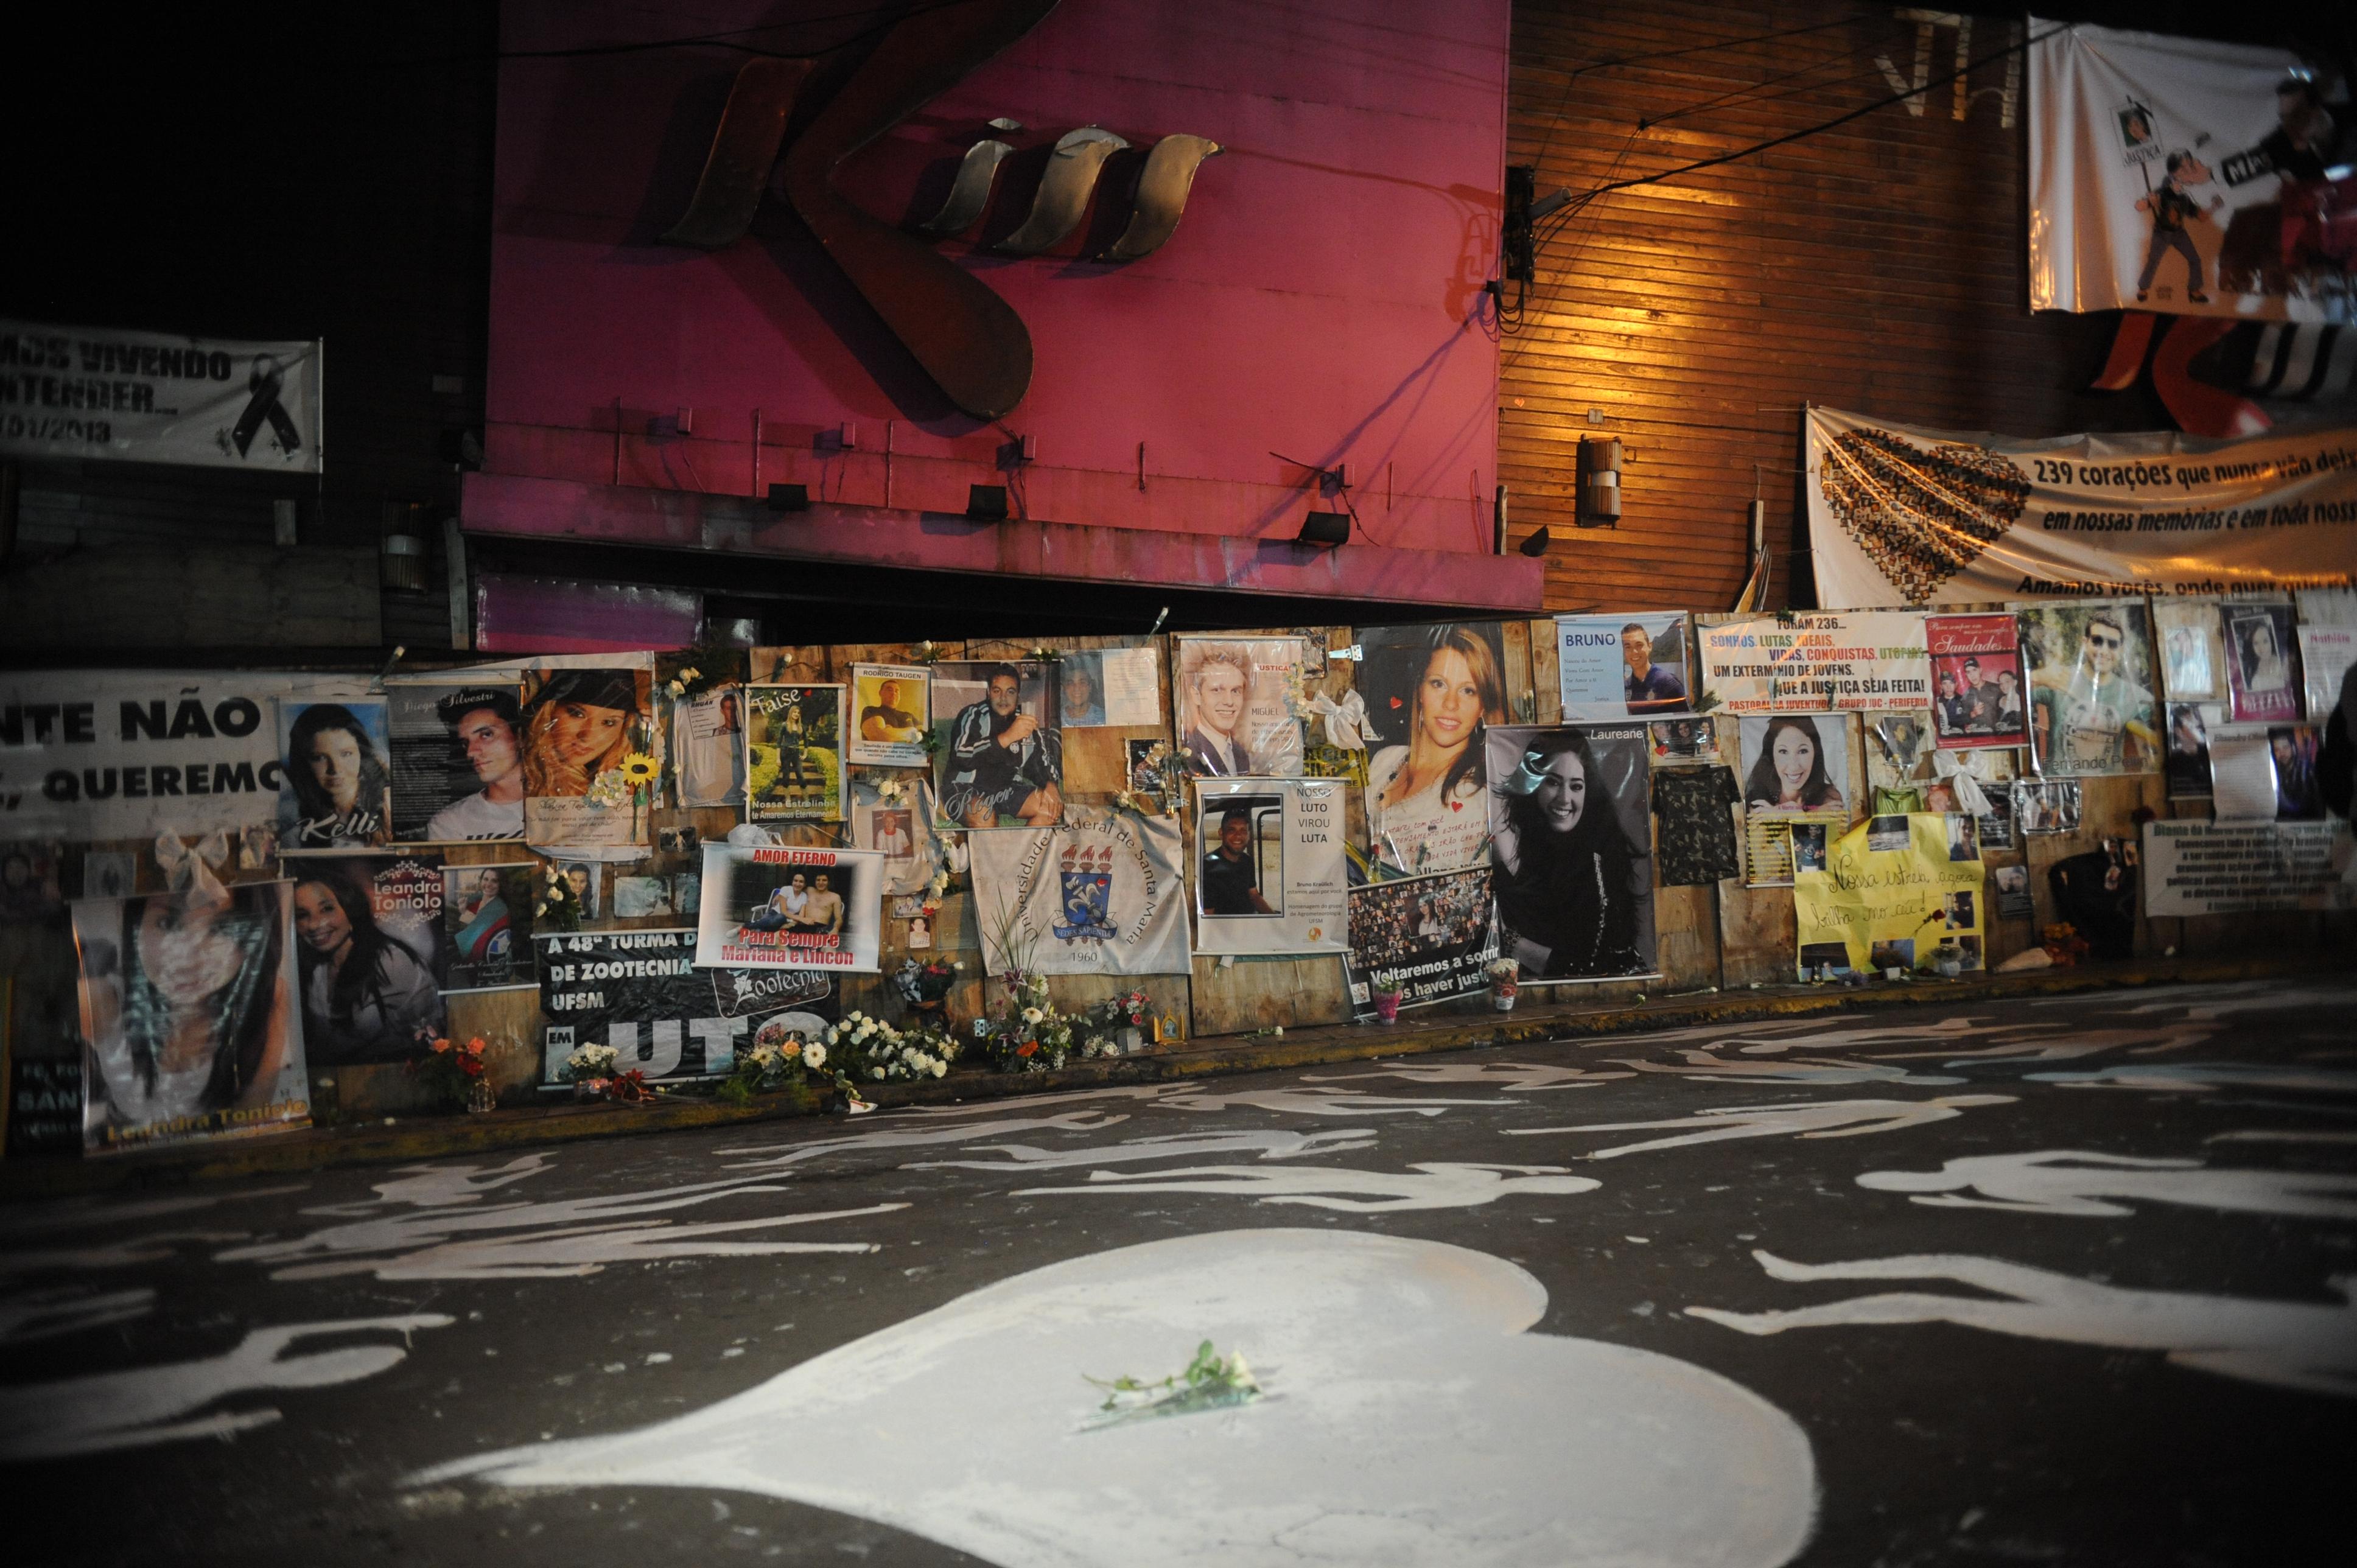 Processos judiciais e homenagens marcam três anos da tragédia da Boate Kiss   Agência Brasil